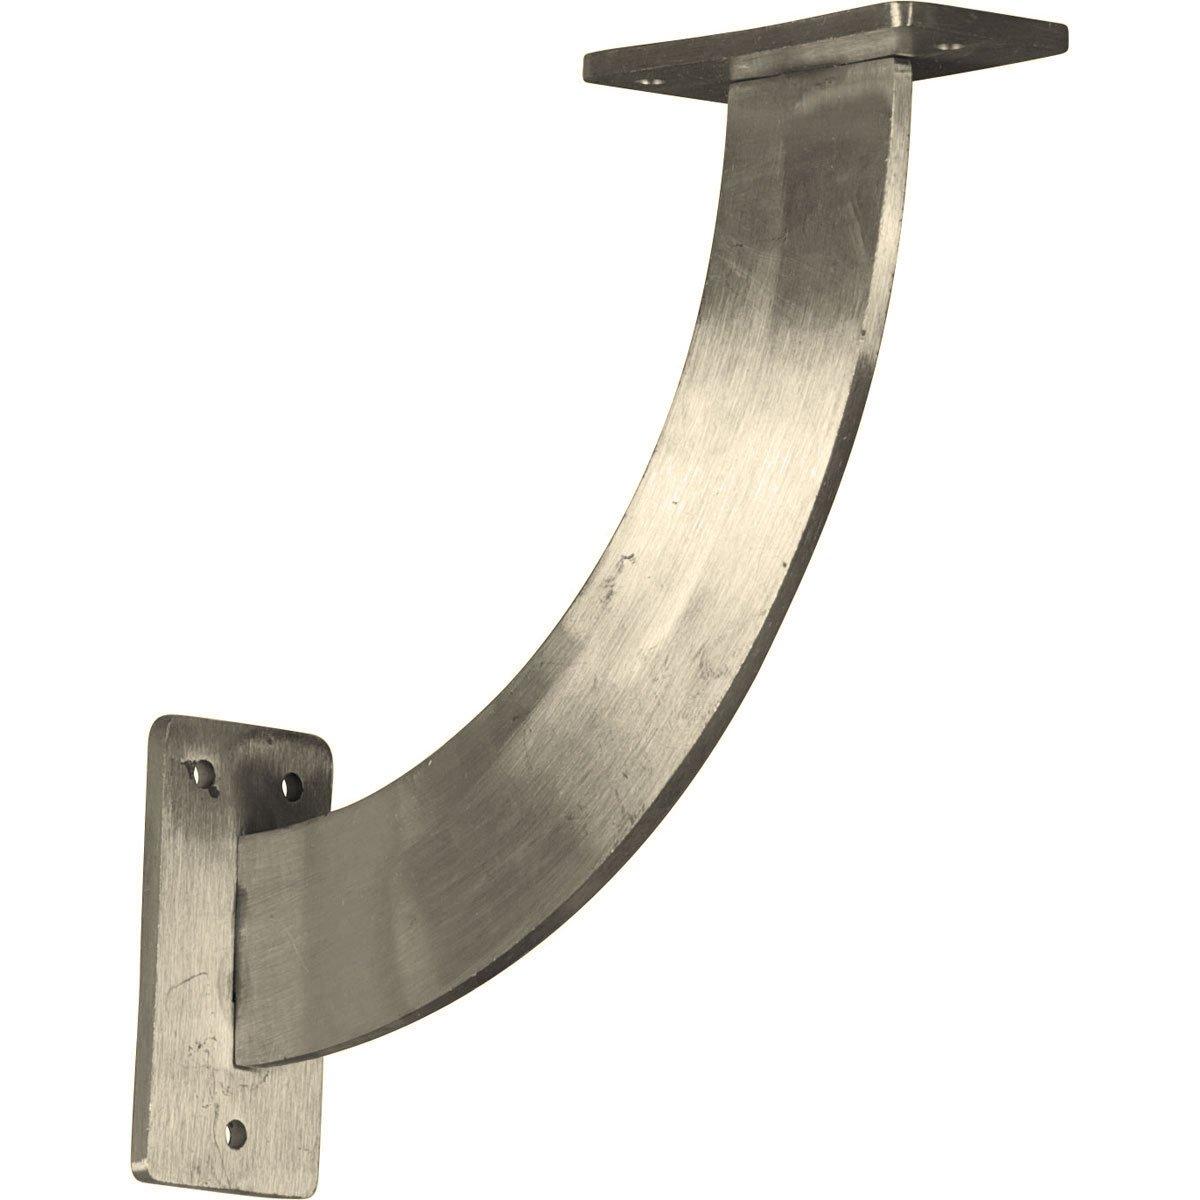 Ekena Millwork BKTM02X09X09BRSS  2-Inch W x 9-Inch D x 9-Inch H Bradford Bracket, Stainless Steel